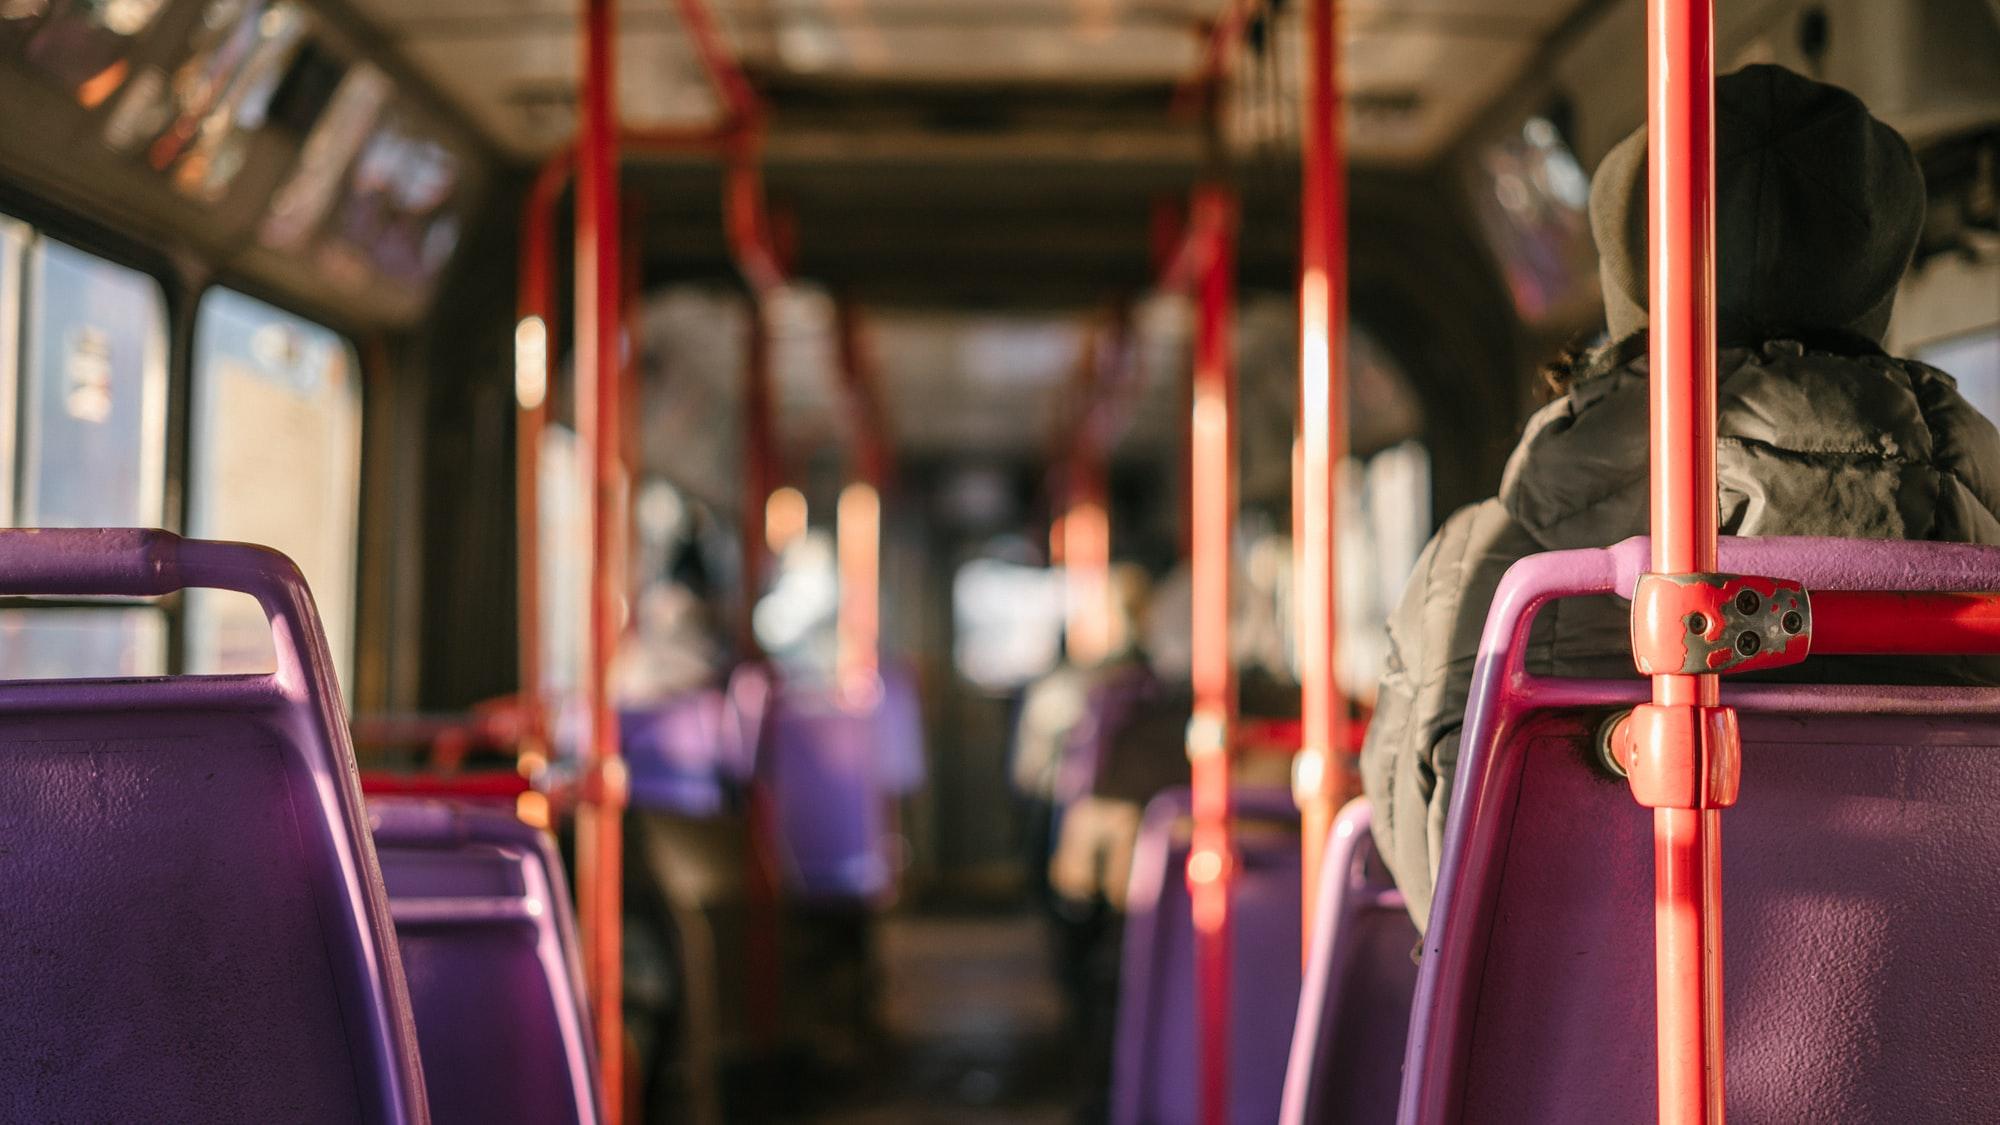 Powiat uruchomił nowe linie komunikacyjne. Autobusy mają przejechać prawie pół miliona km rocznie - Zdjęcie główne